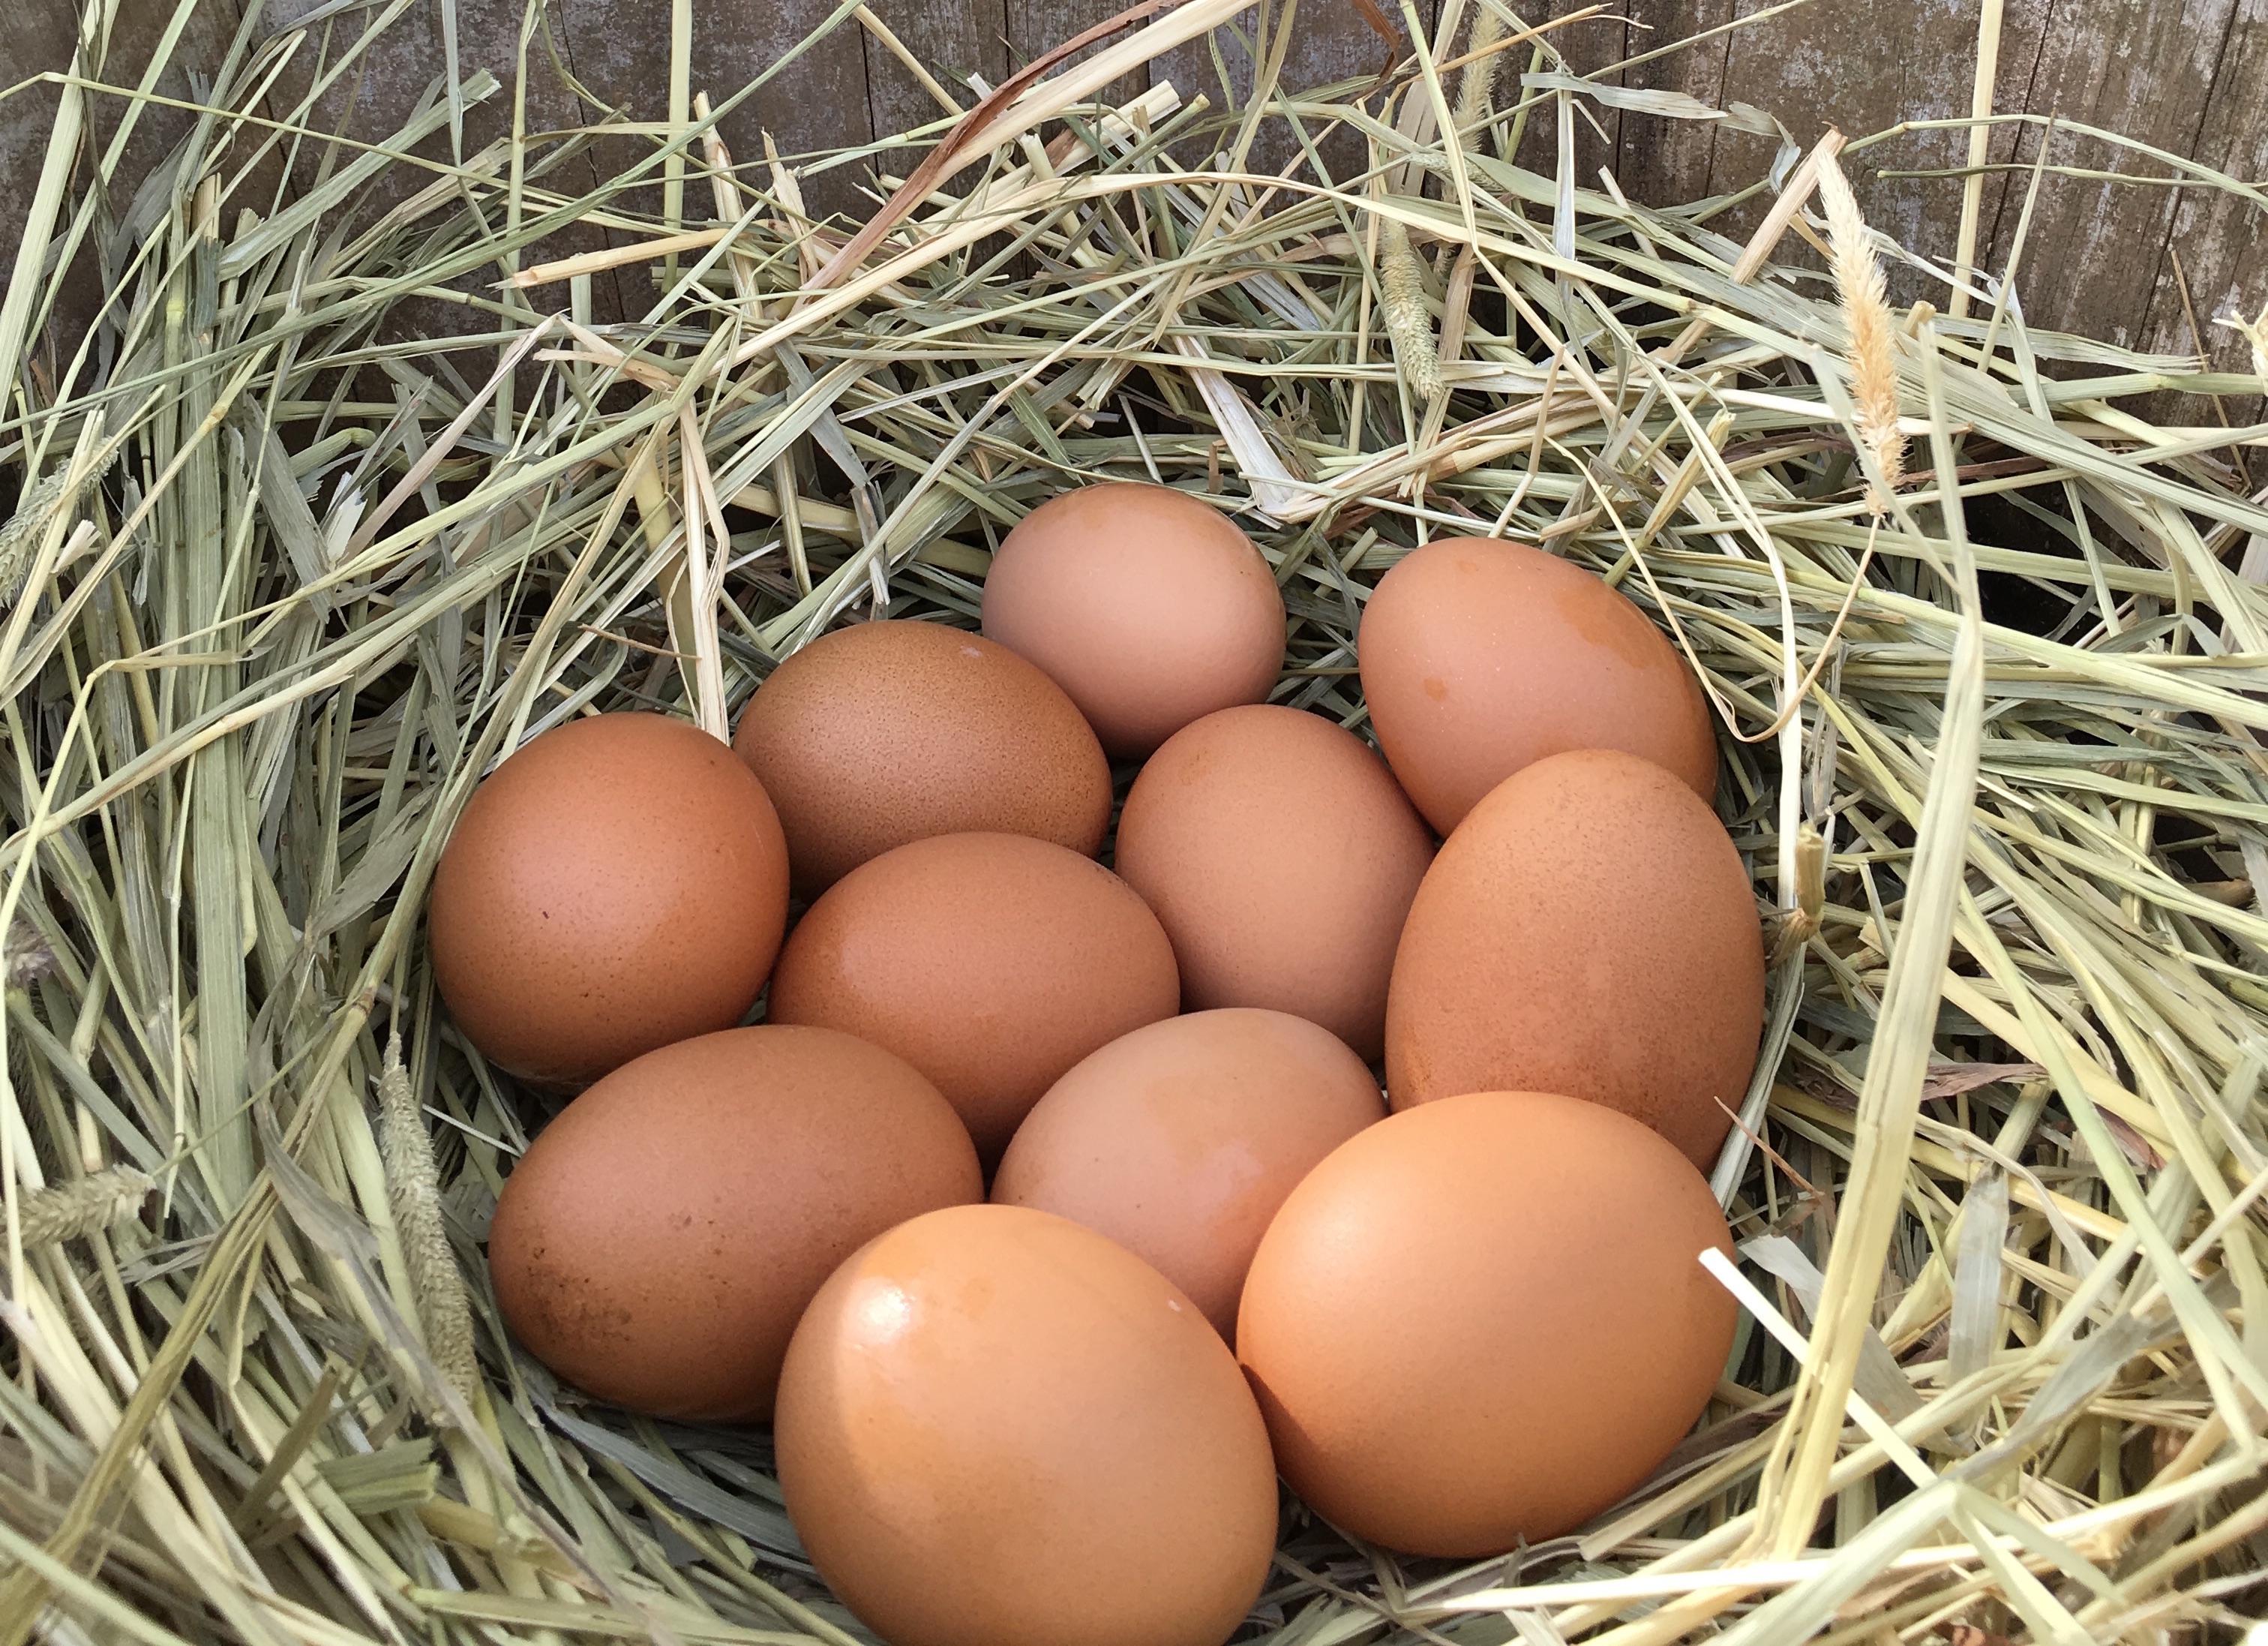 産みたての卵、自家製野菜やハーブも栽培